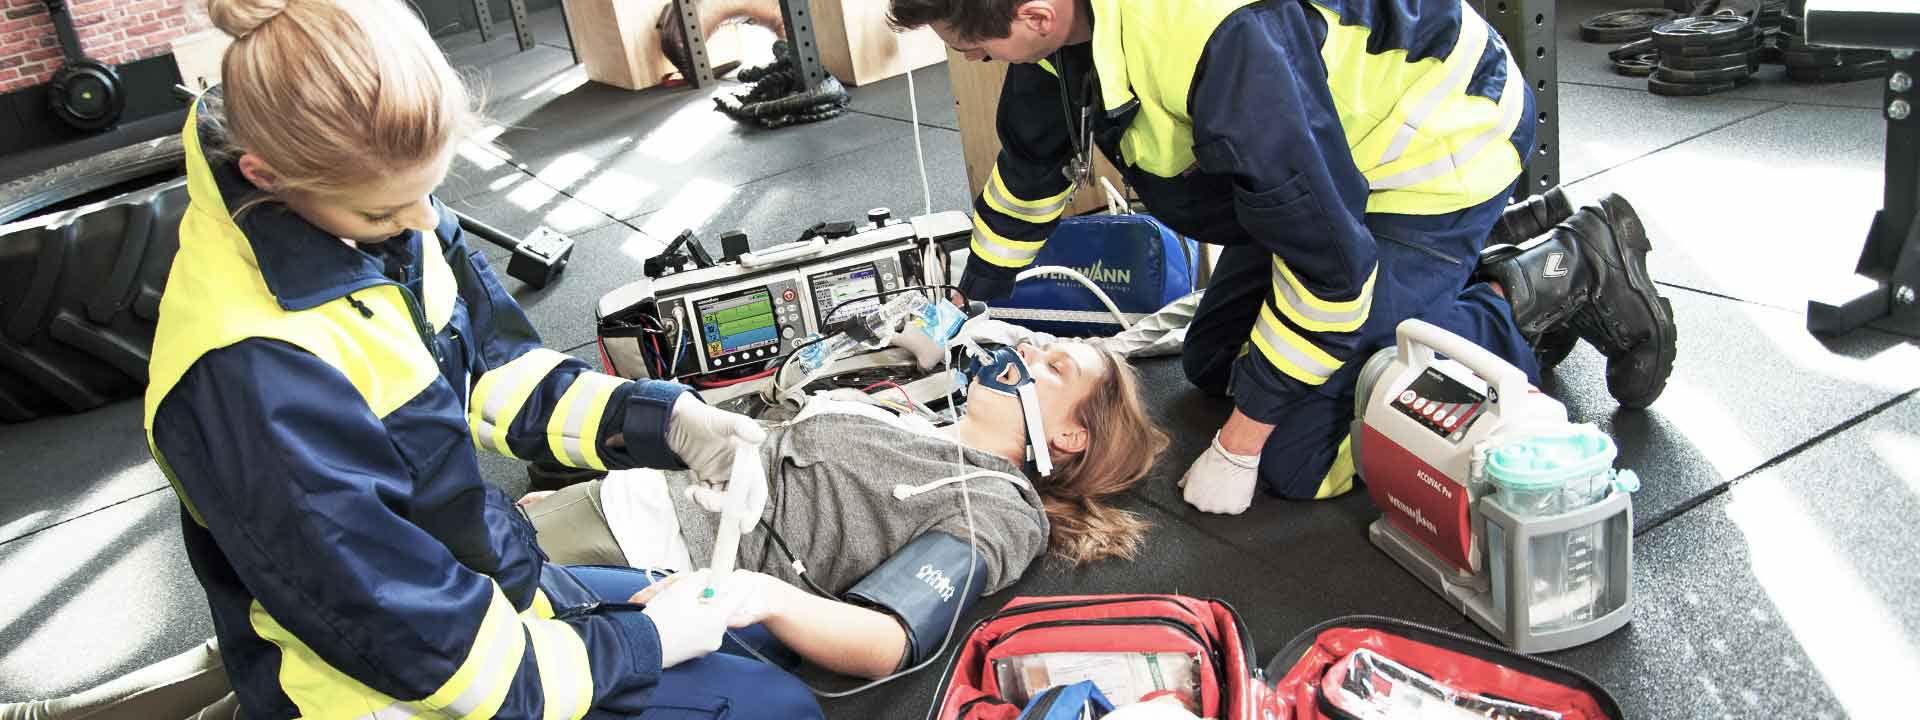 استفاده از ساکشن در آمبولانس